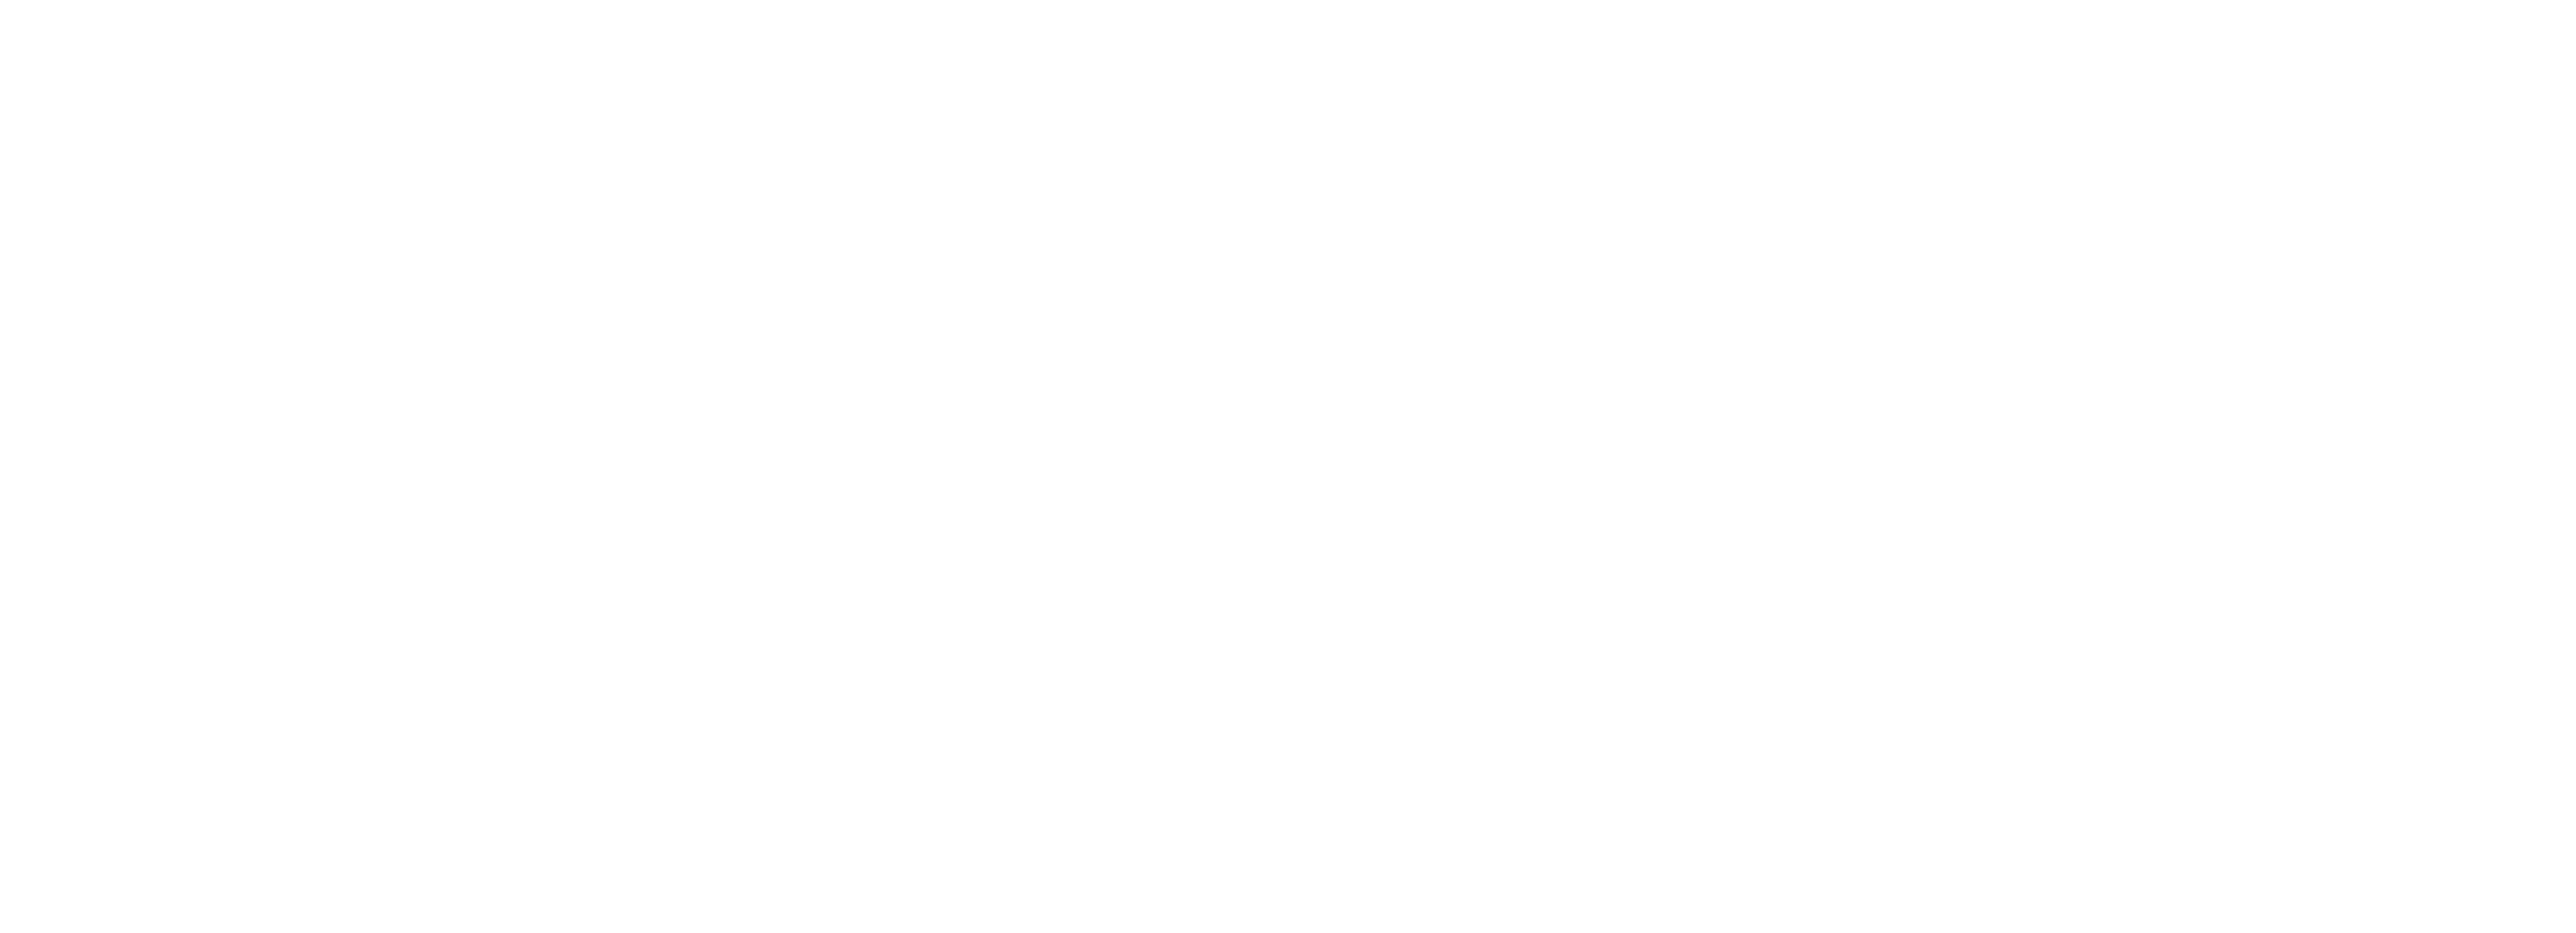 Alejandro R. Creel